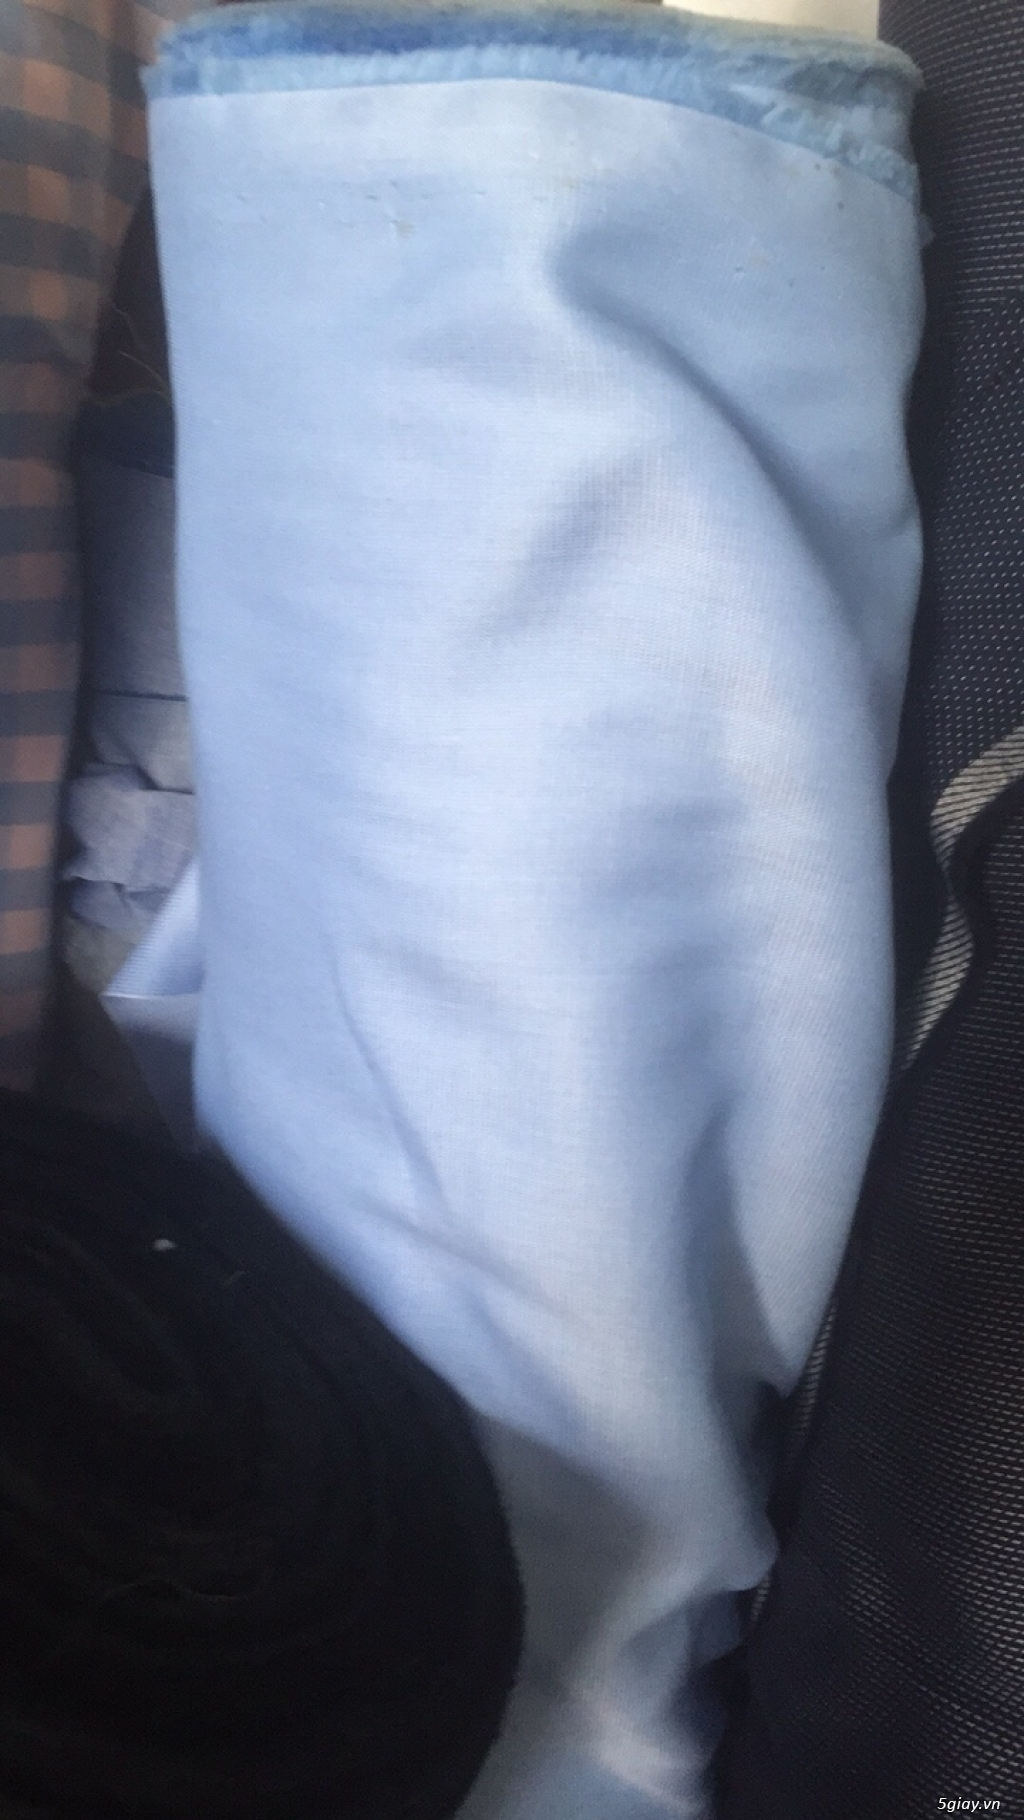 vải quần tây vải áo sơ mi AN PHƯỚC SỈ VÀ LẺ mới 100%